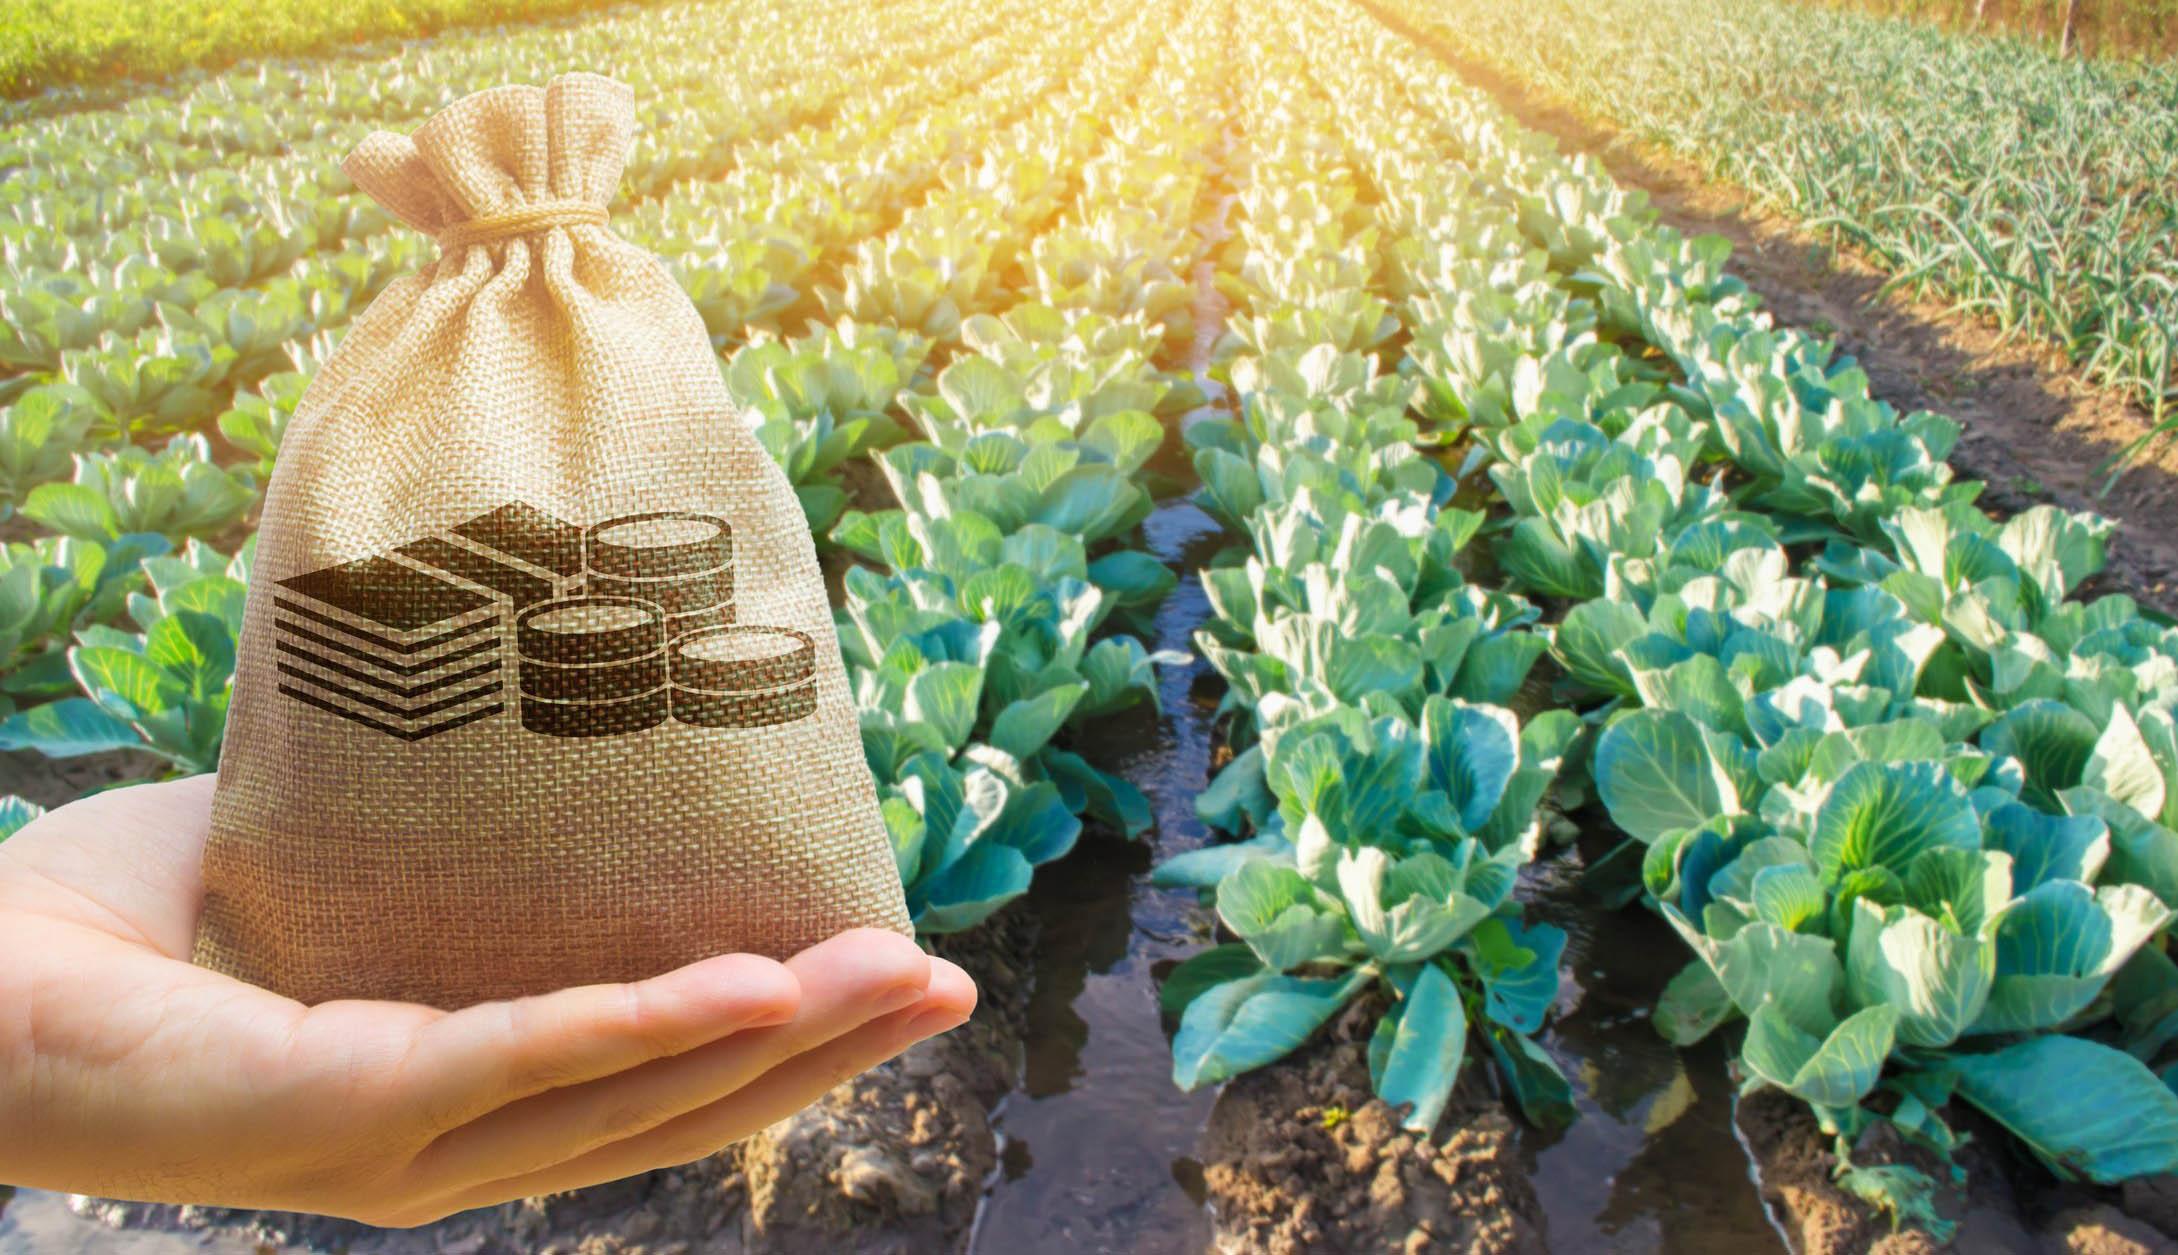 230 millió eurónyi mezőgazdasági támogatásra pályázhatnak a romániai gazdák